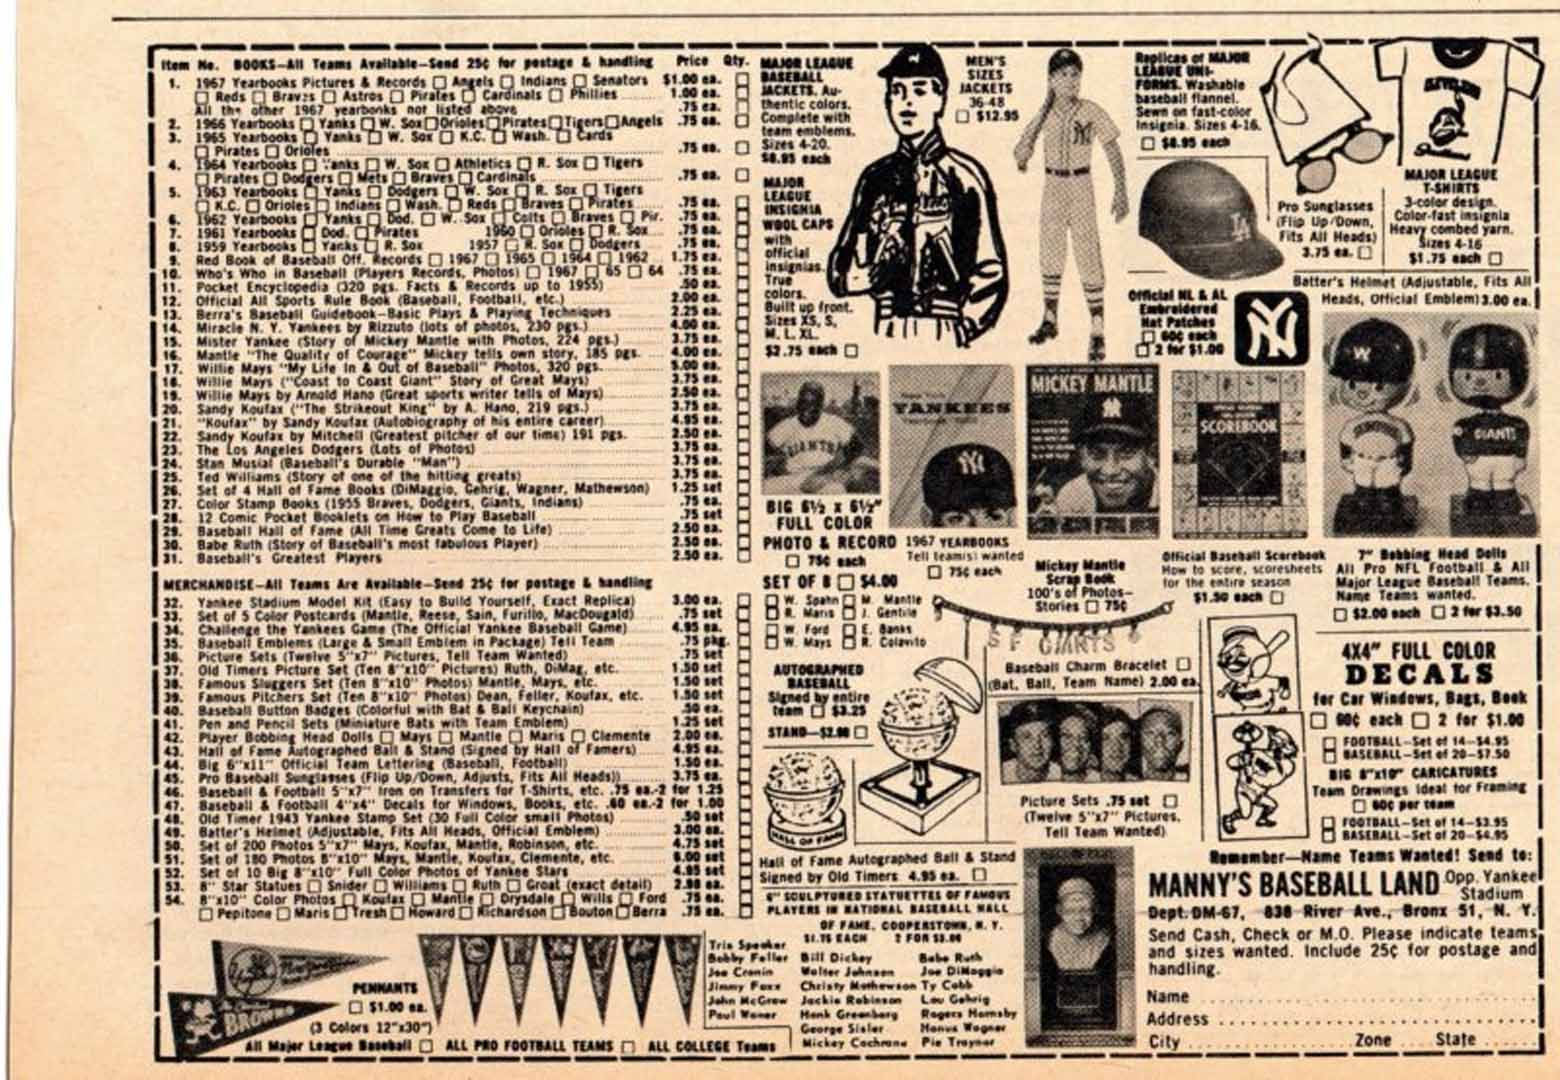 1966 baseball news